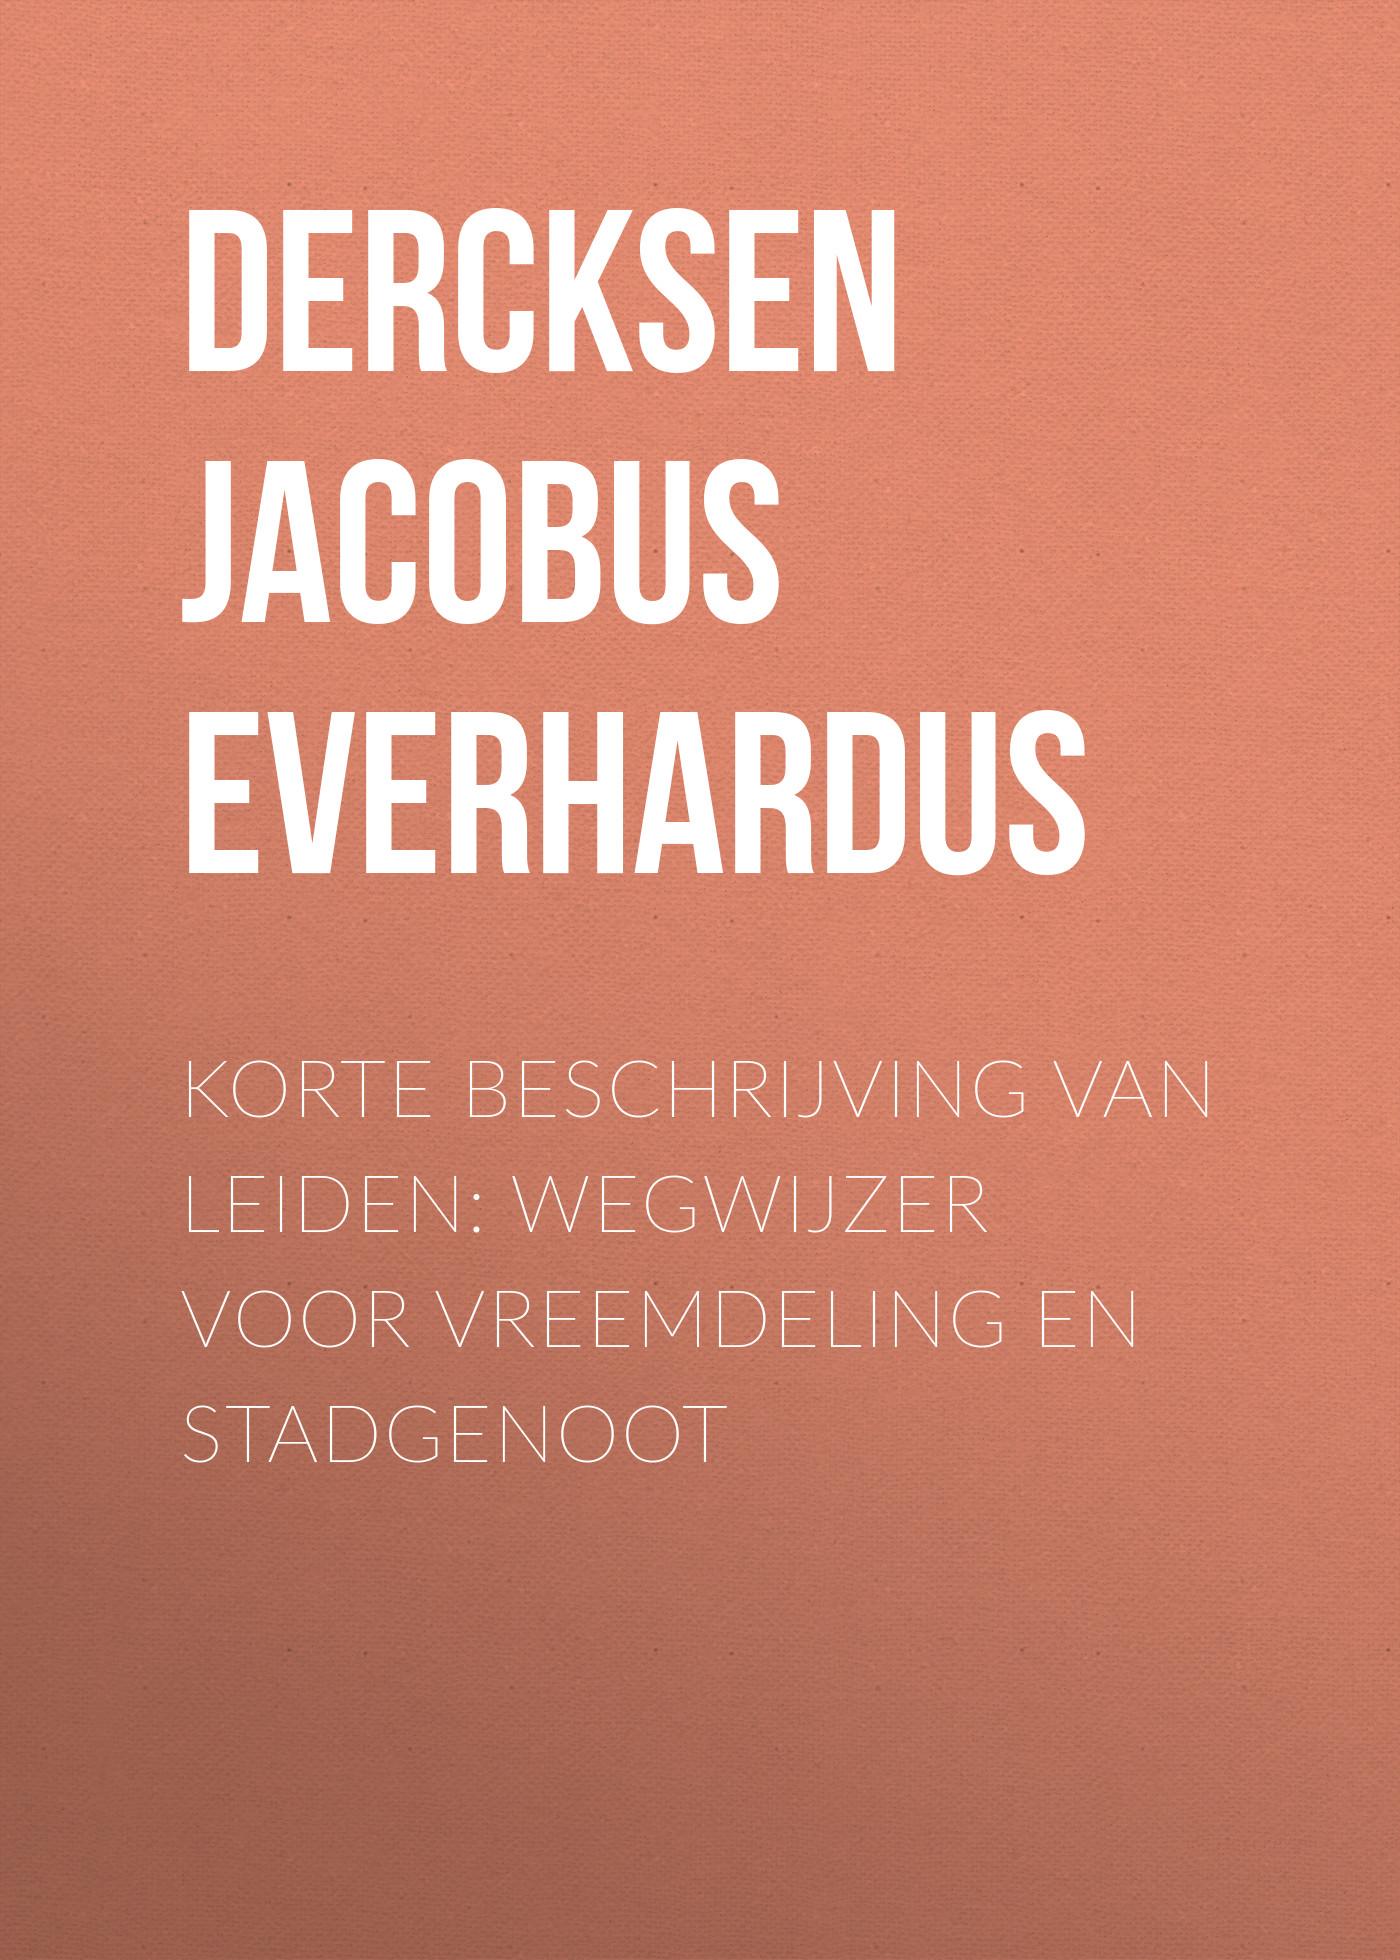 Dercksen Jacobus Marinus Everhardus Korte beschrijving van Leiden: wegwijzer voor vreemdeling en stadgenoot adriaan loosjes lauwerkroon voor de nederlandsche zeehelden bij hunne betoonde moed en dapperheld in den zeeslag voor algiers den alften van oogstmaand 1816